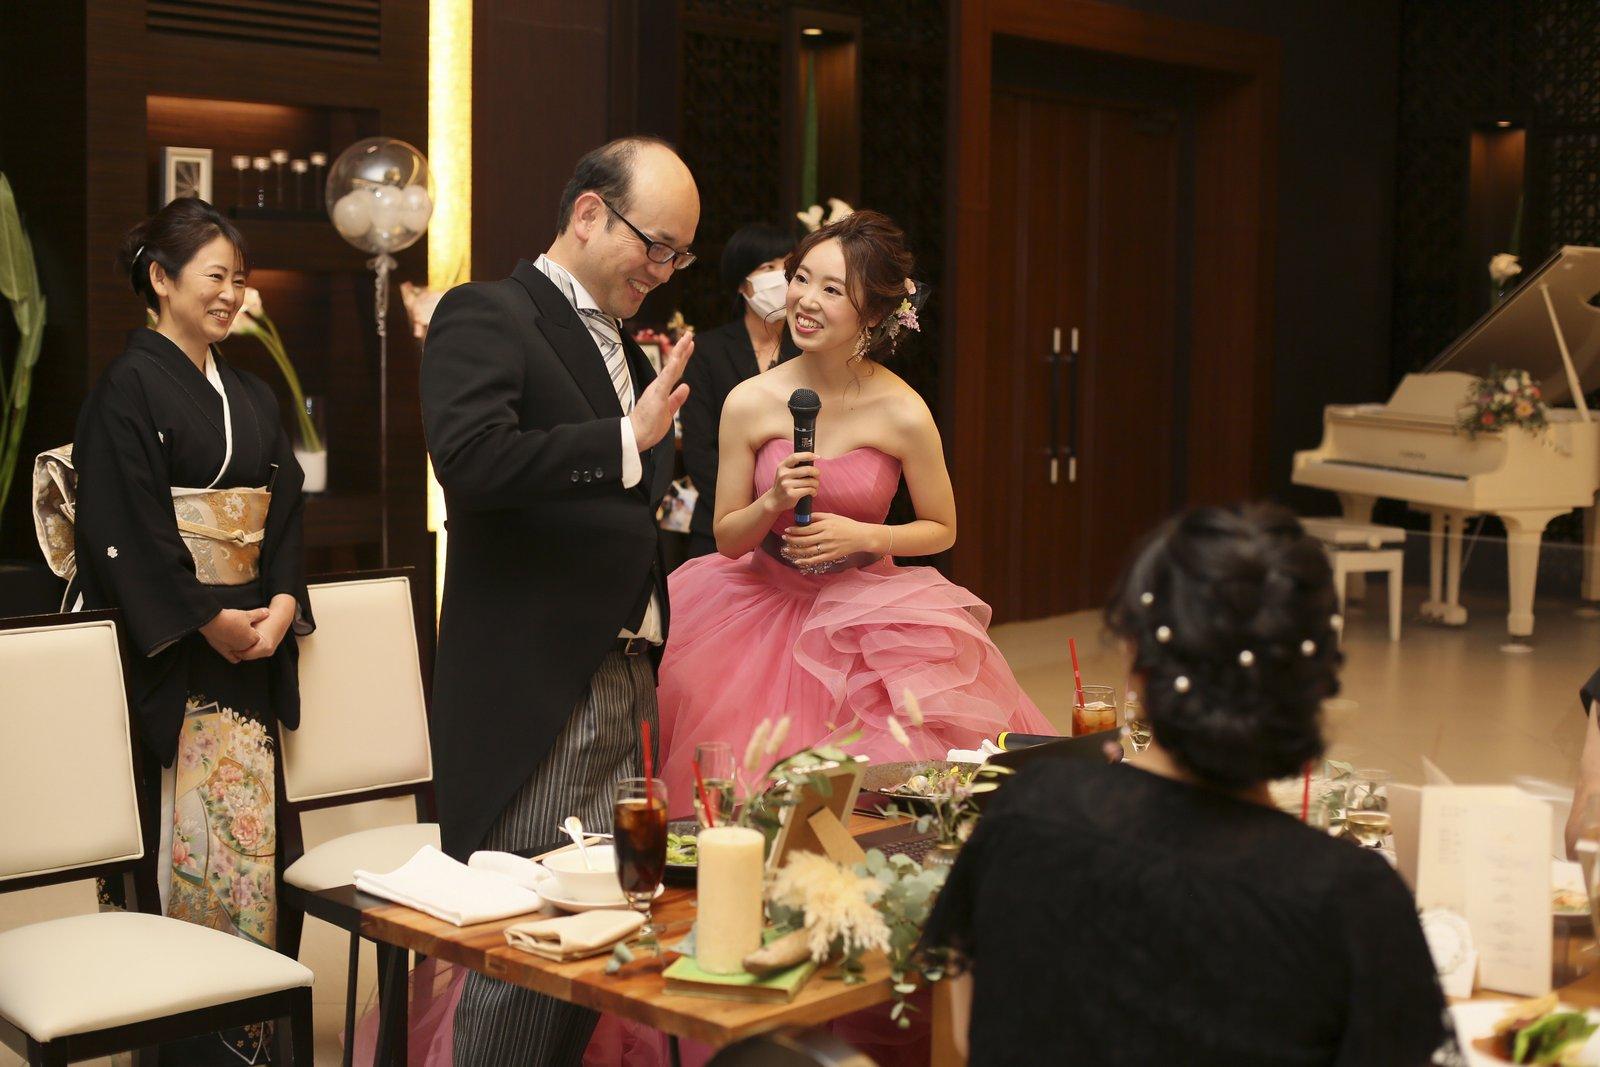 徳島県の結婚式場ブランアンジュでリモートでつながる親族に挨拶する新婦父